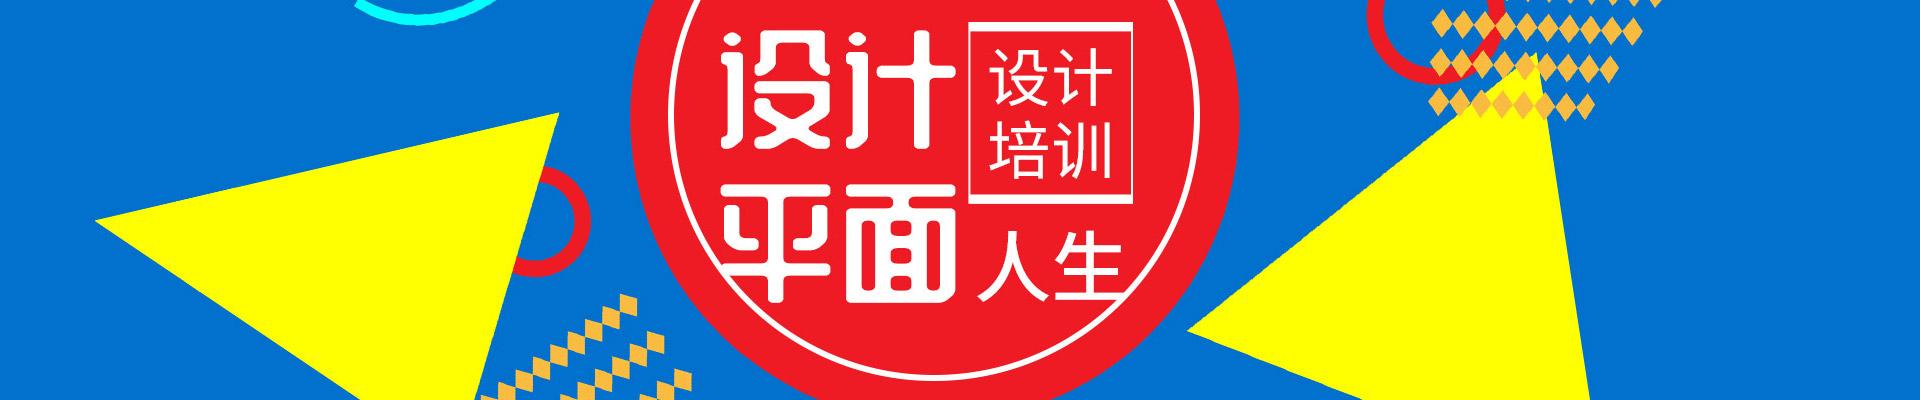 长沙中南培训设计